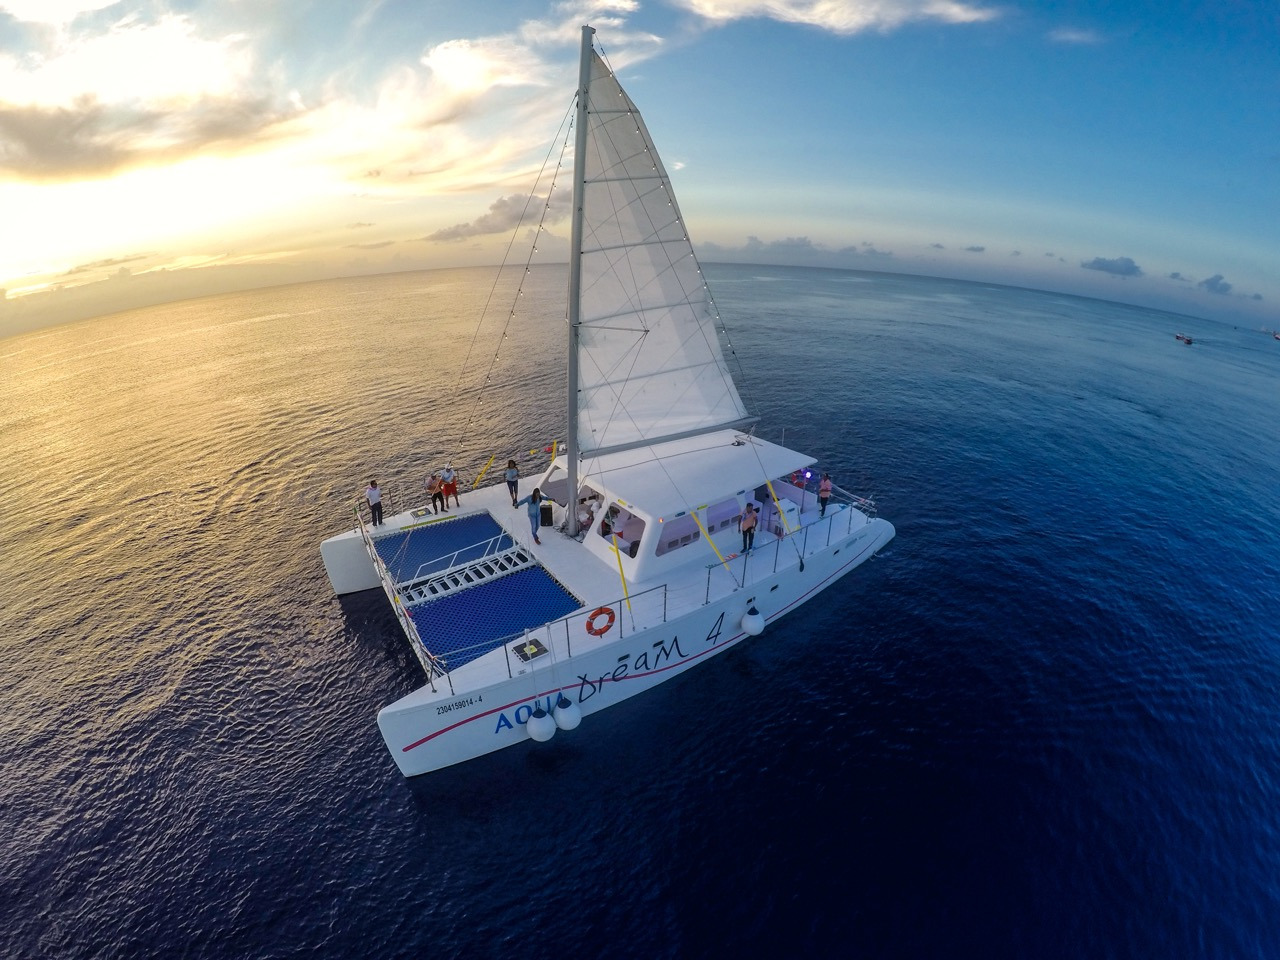 World Class Catamarans Contoy 65